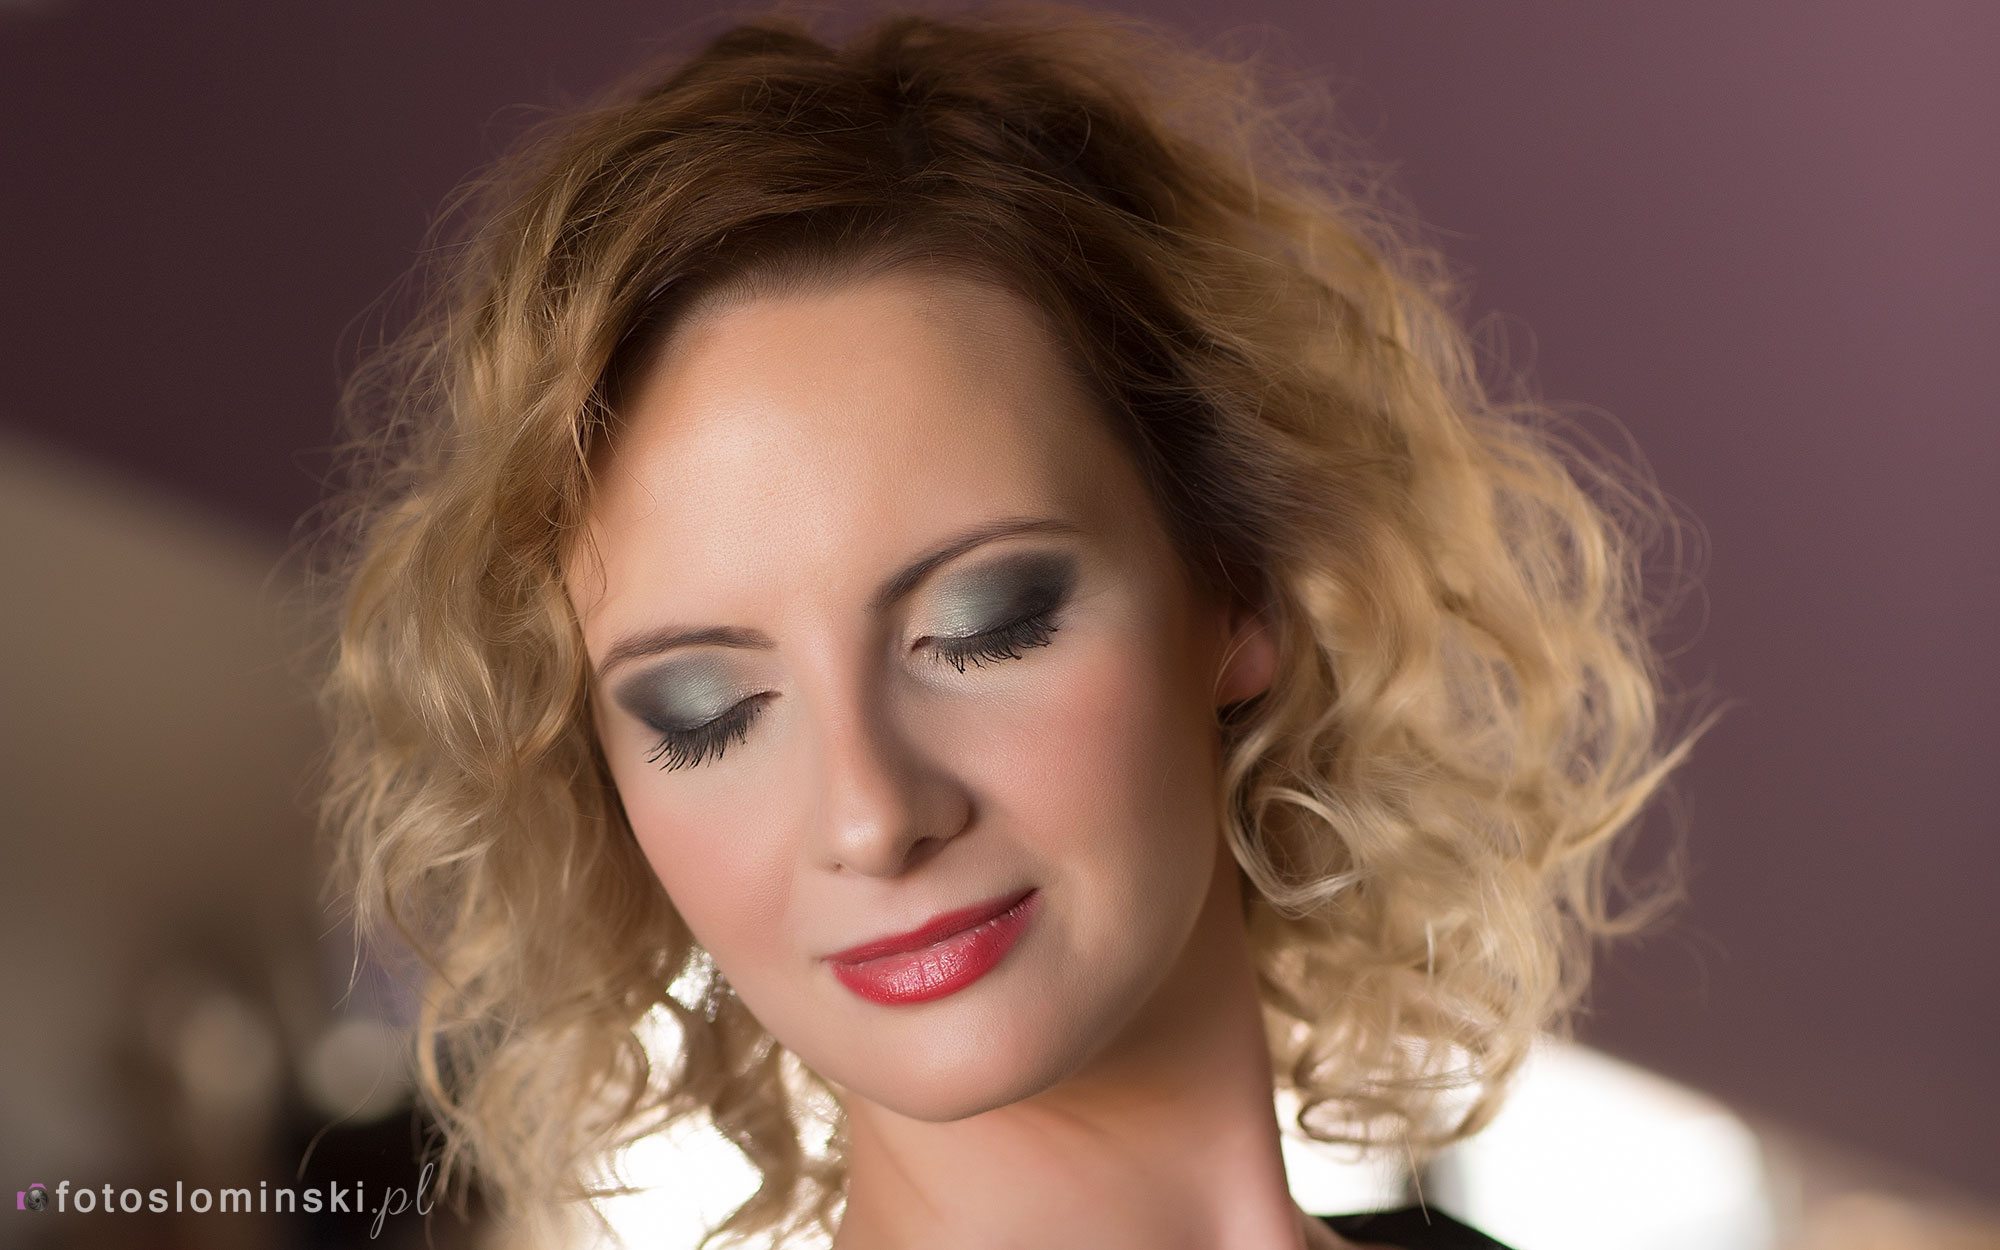 makijaż ślubny galeria makeup wieczorowy dzienny